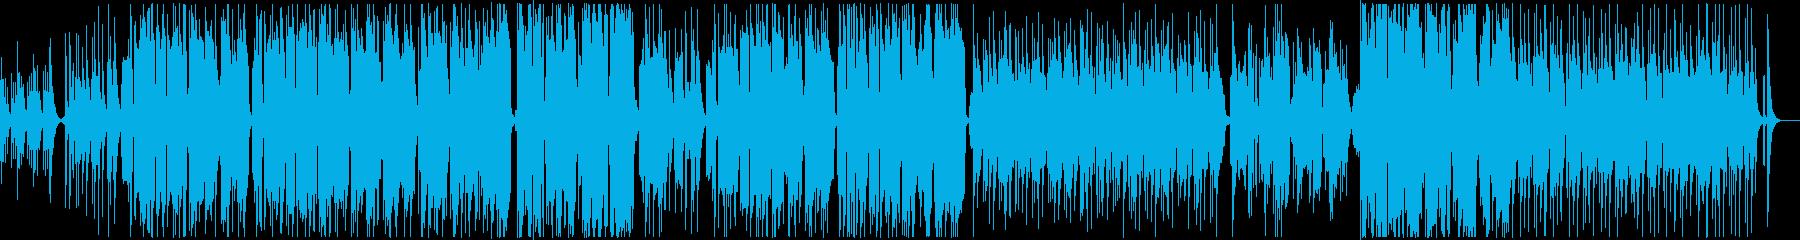 ウクレレ弾き語りのやさしいバラードの再生済みの波形